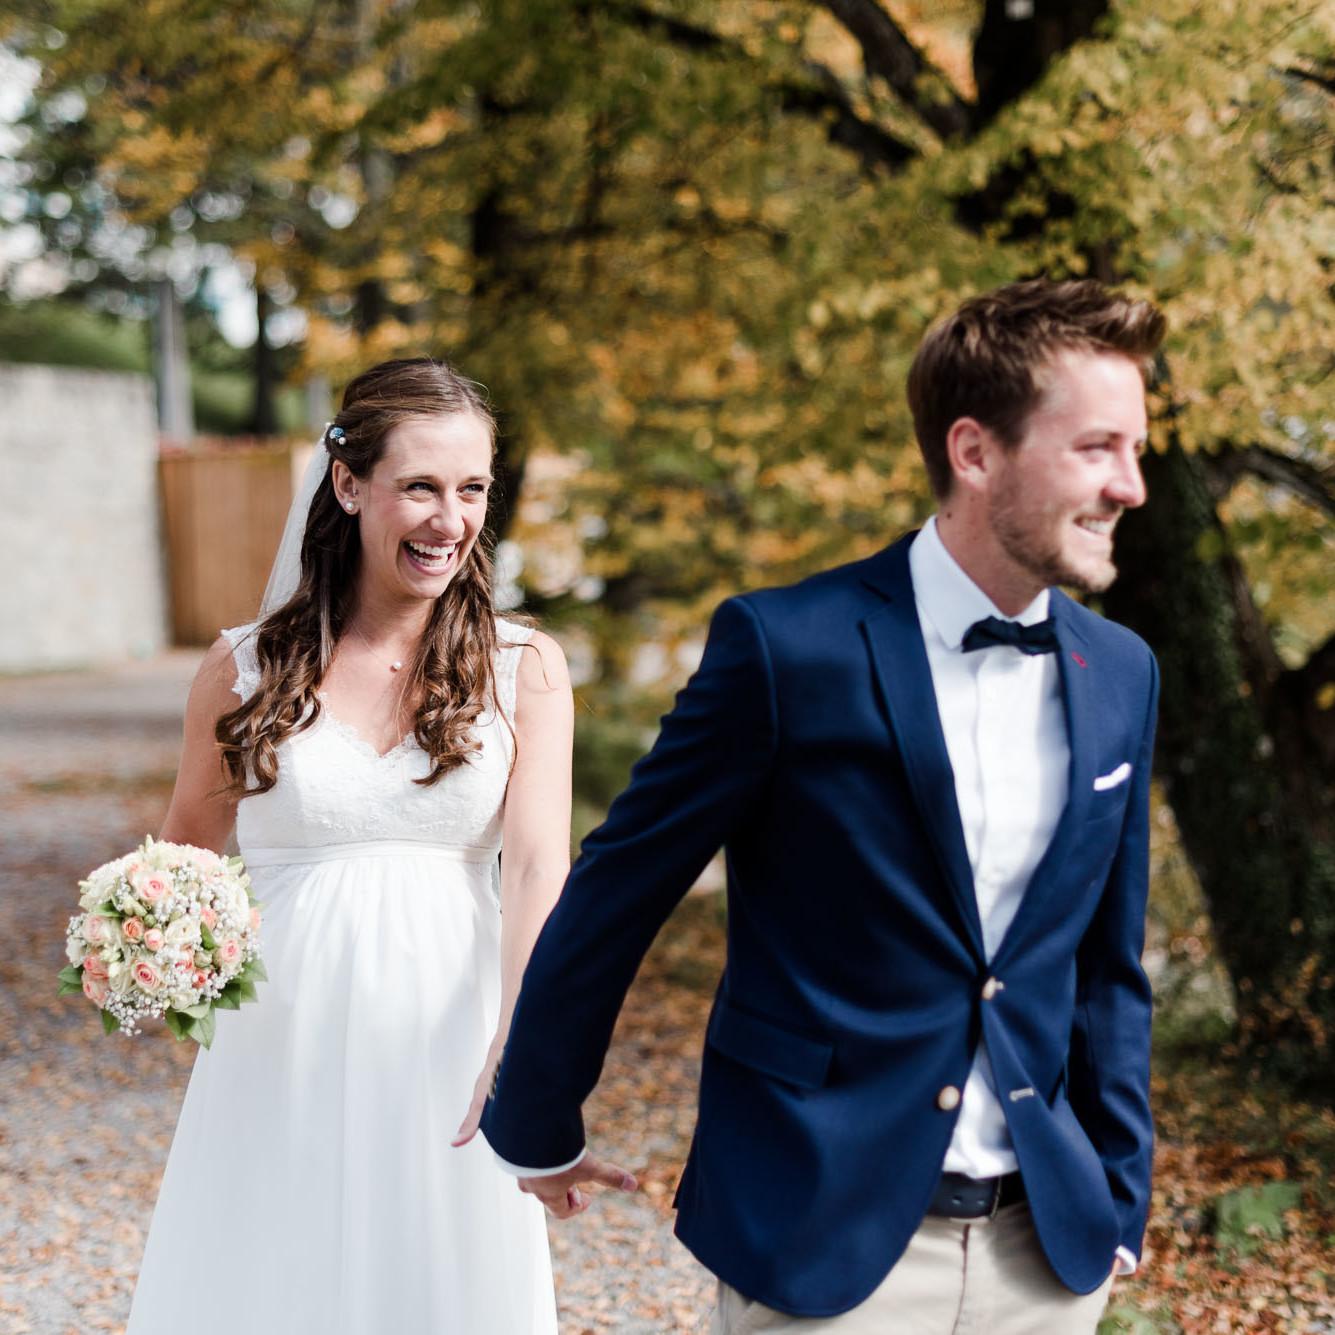 Hochzeitsfotograf Kochelsee, Natürliches Paarfoto der Herbsthochzeit, aufgenommen von Hochzeitsfotografin Veronika Anna Fotografie am Kochelsee.